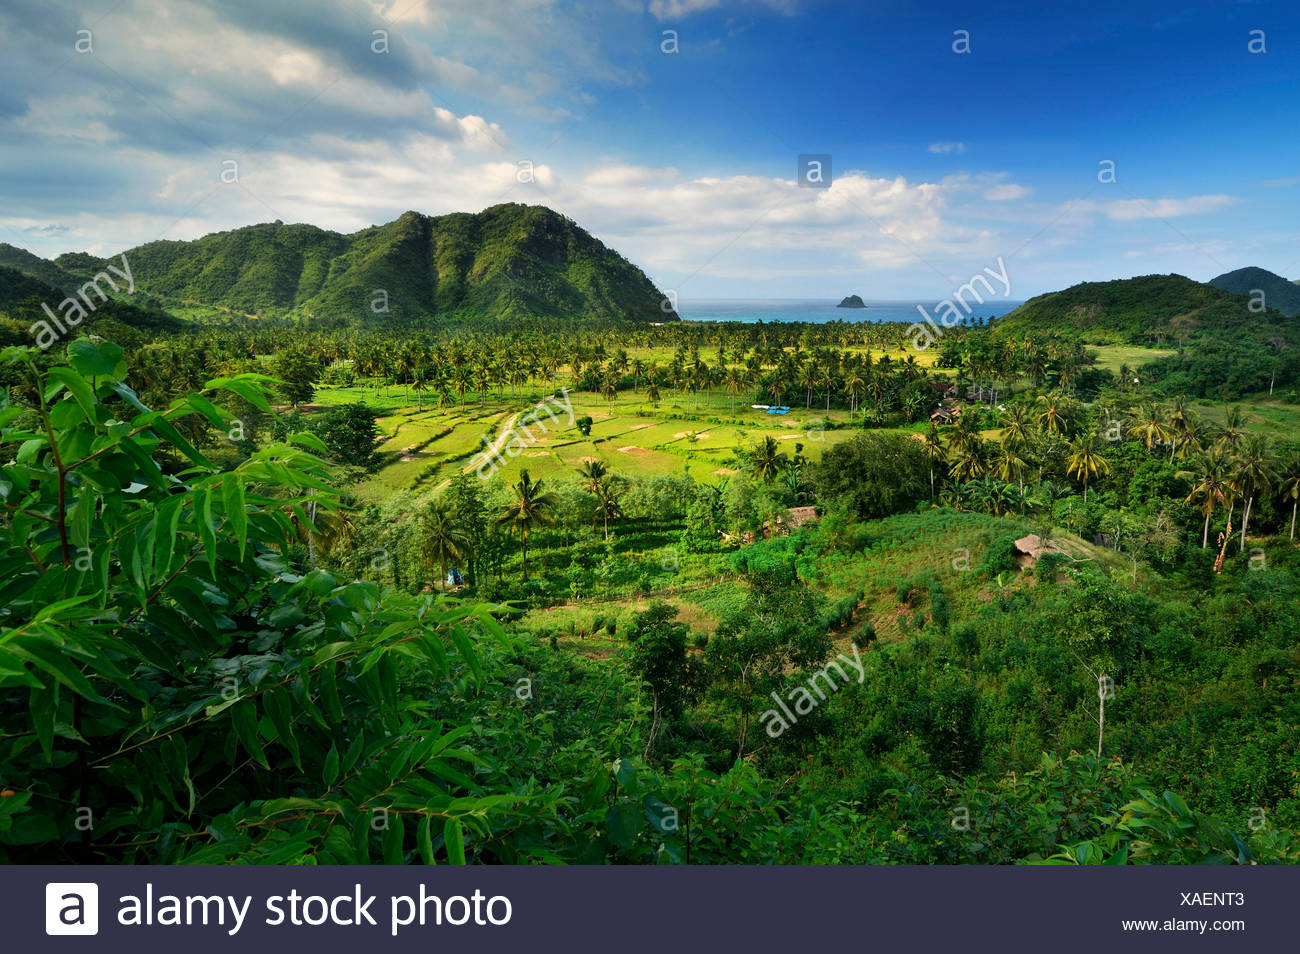 Indonesien, West Nusa Tenggara, erhöhten Blick auf Bauernhof, Meer im Hintergrund Stockbild